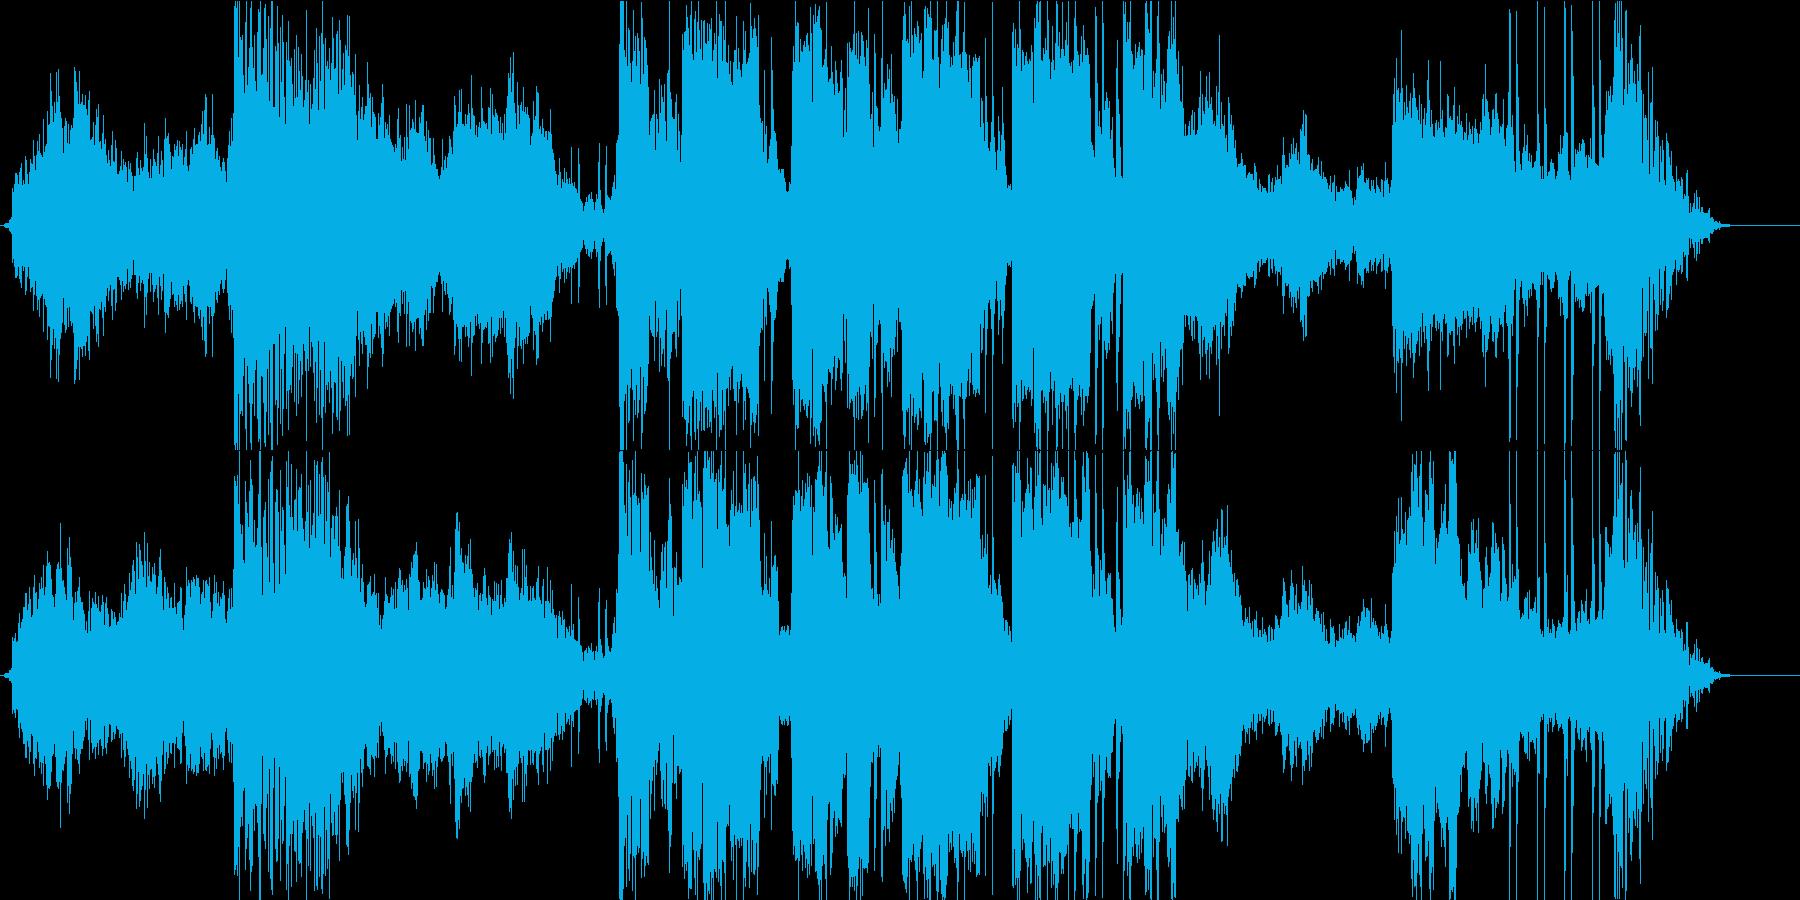 実験的な アンビエント ドラマチッ...の再生済みの波形